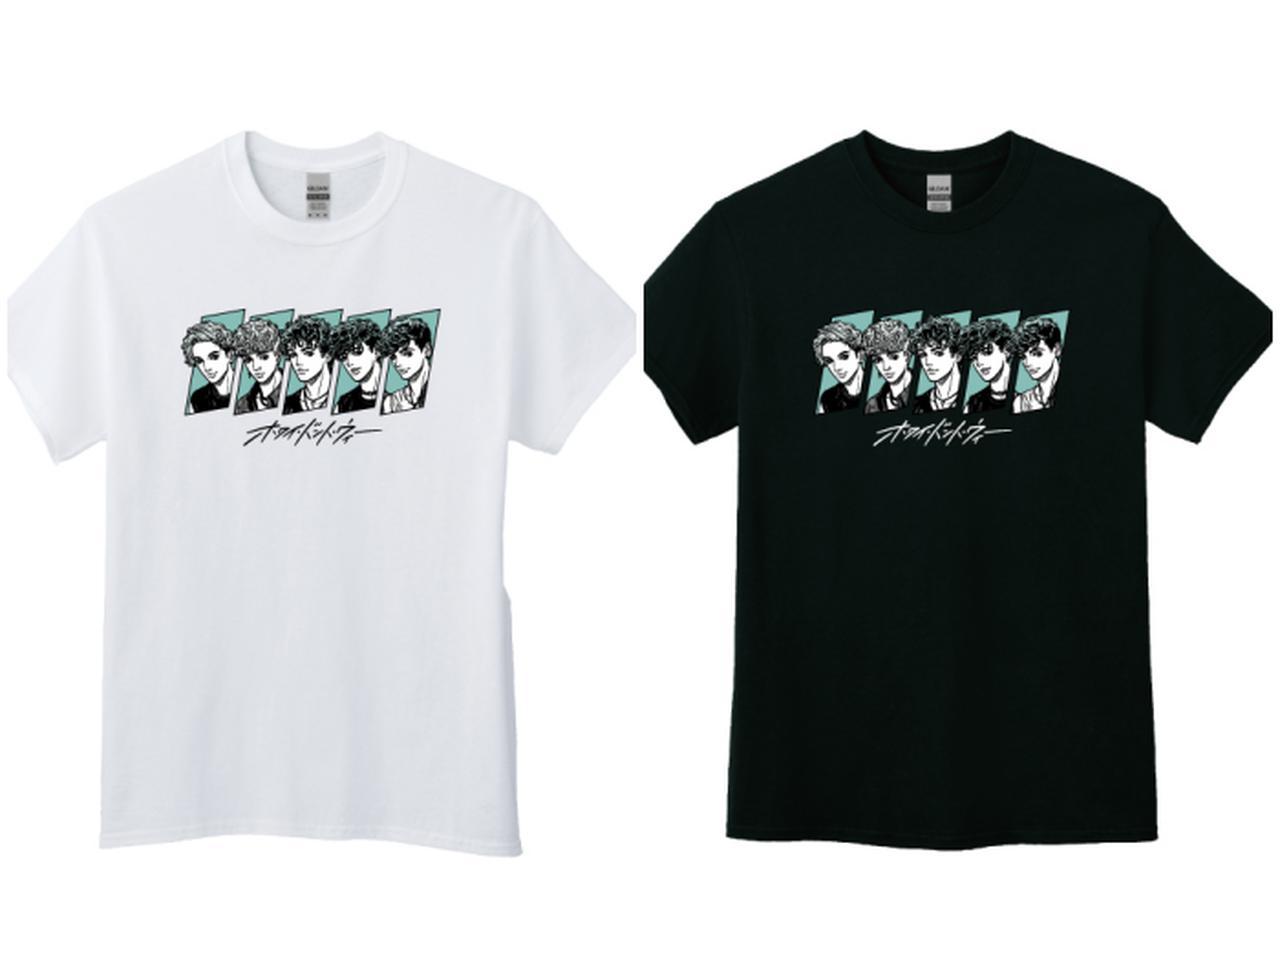 画像2: store.wmg.jp